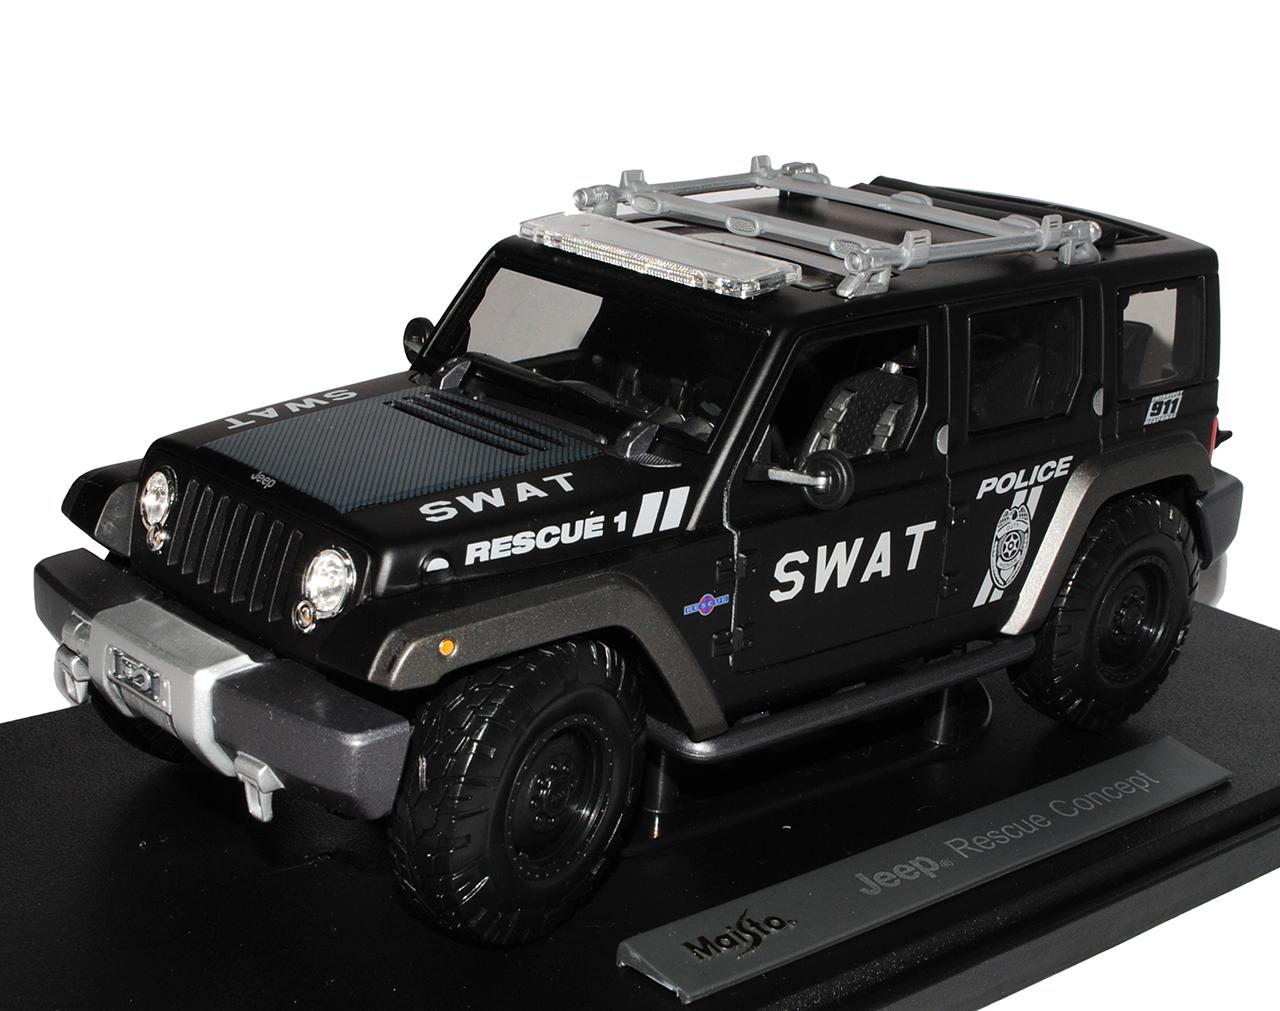 JEEP-Wrangler-Rescue-Concept-SWAT-NERO-1-18-Maisto-Modello-auto-con-o-senza